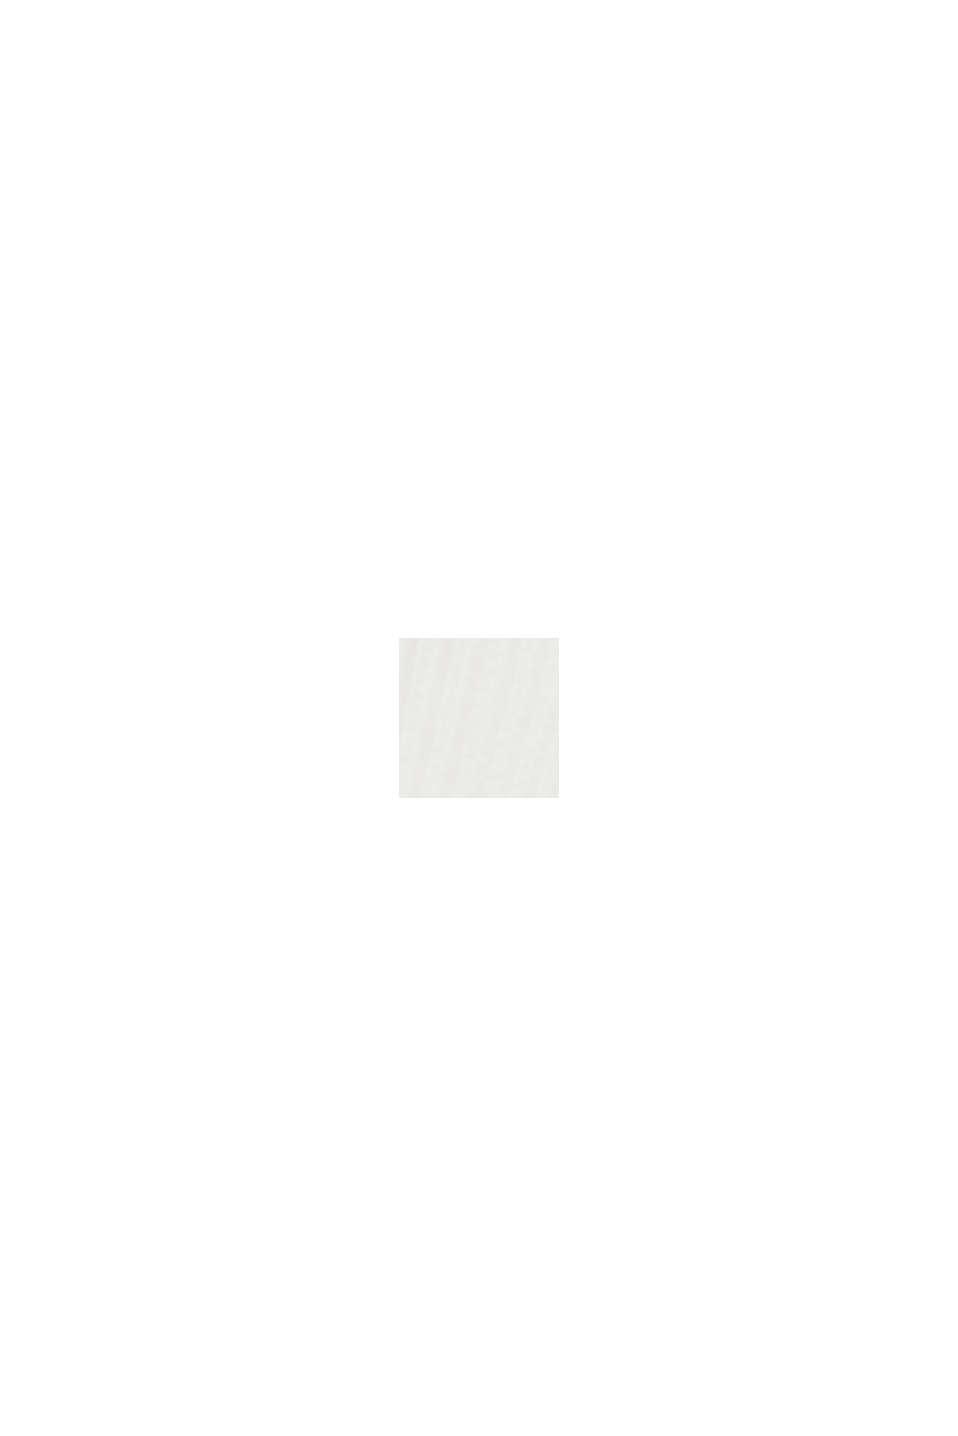 Sweat-shirt en coton biologique mélangé, OFF WHITE, swatch